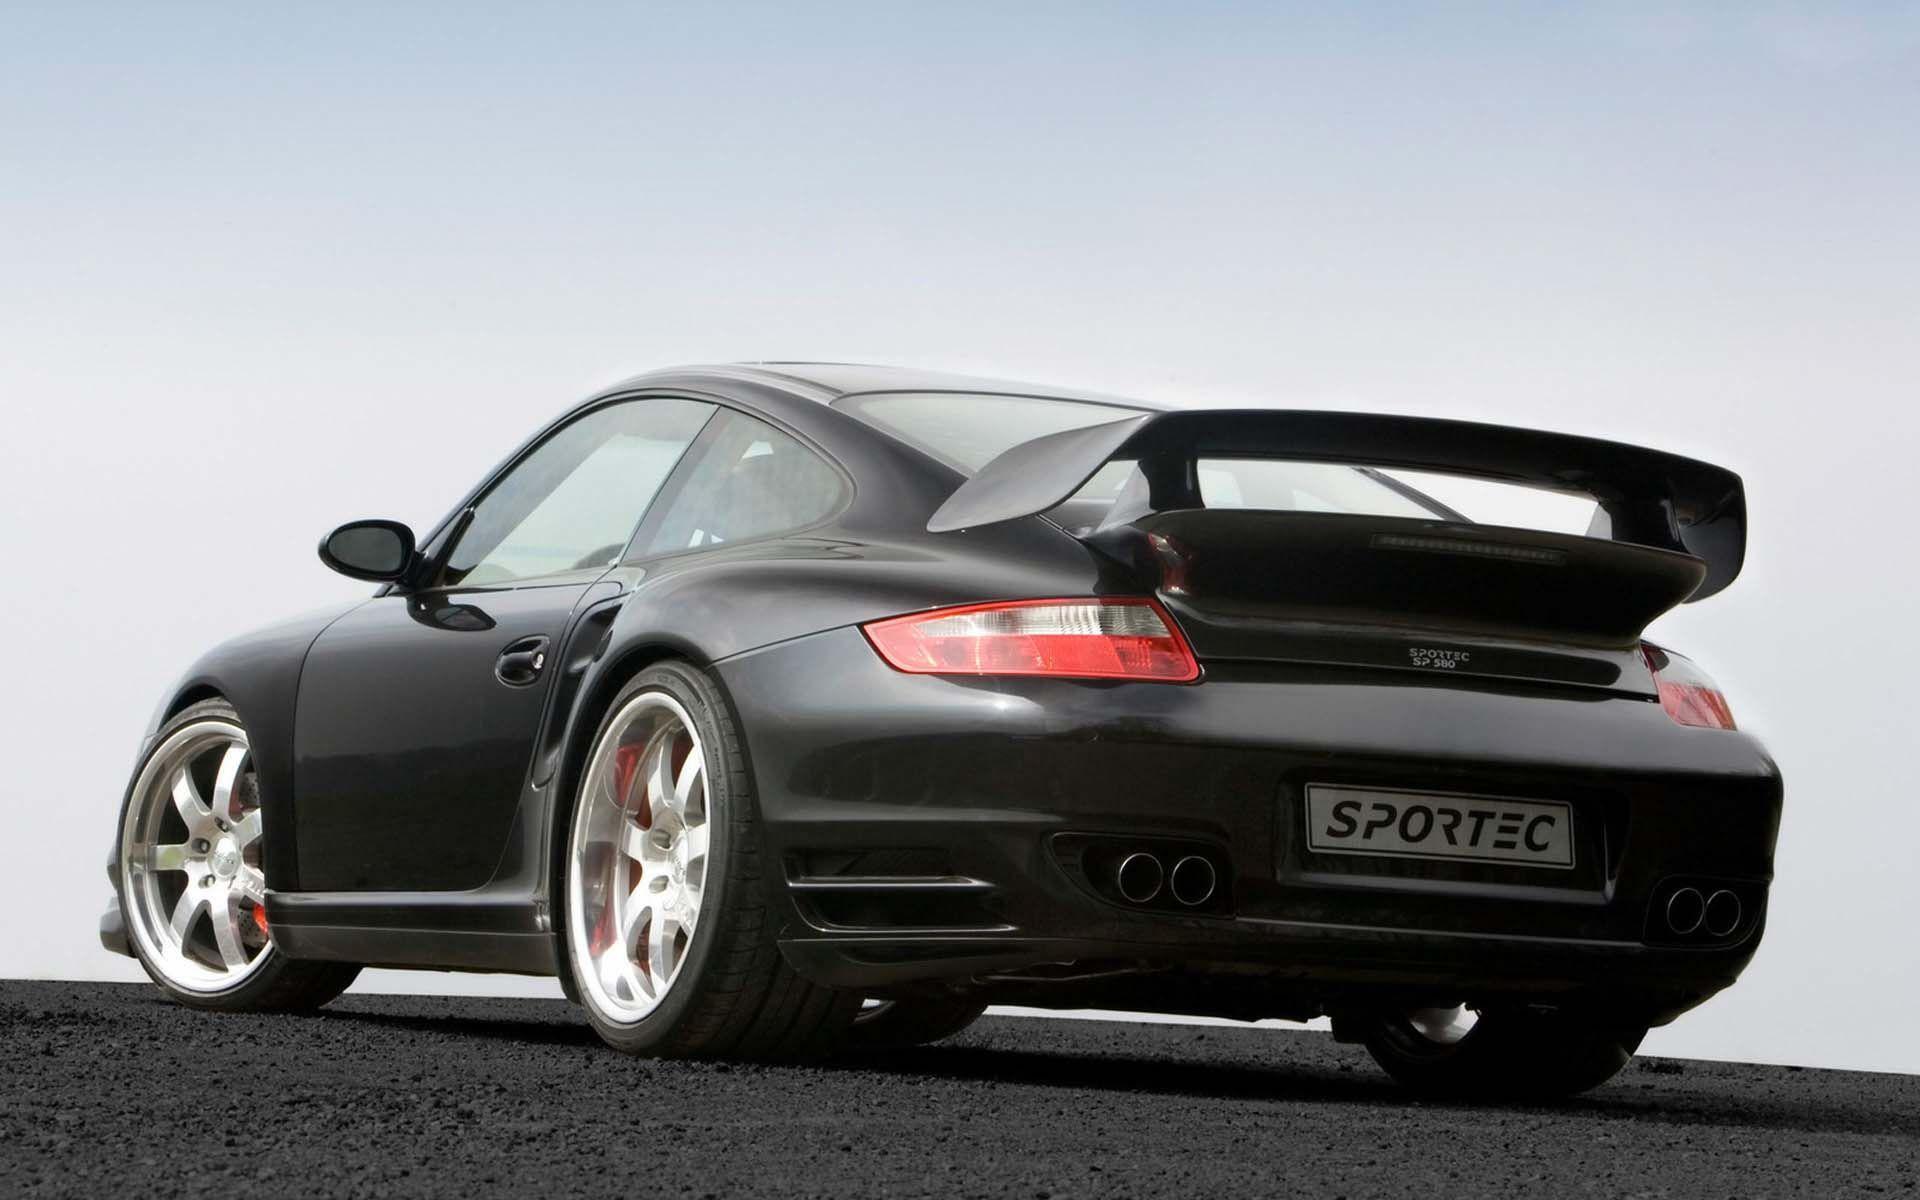 Sportec Porsche wallpaper - 580807